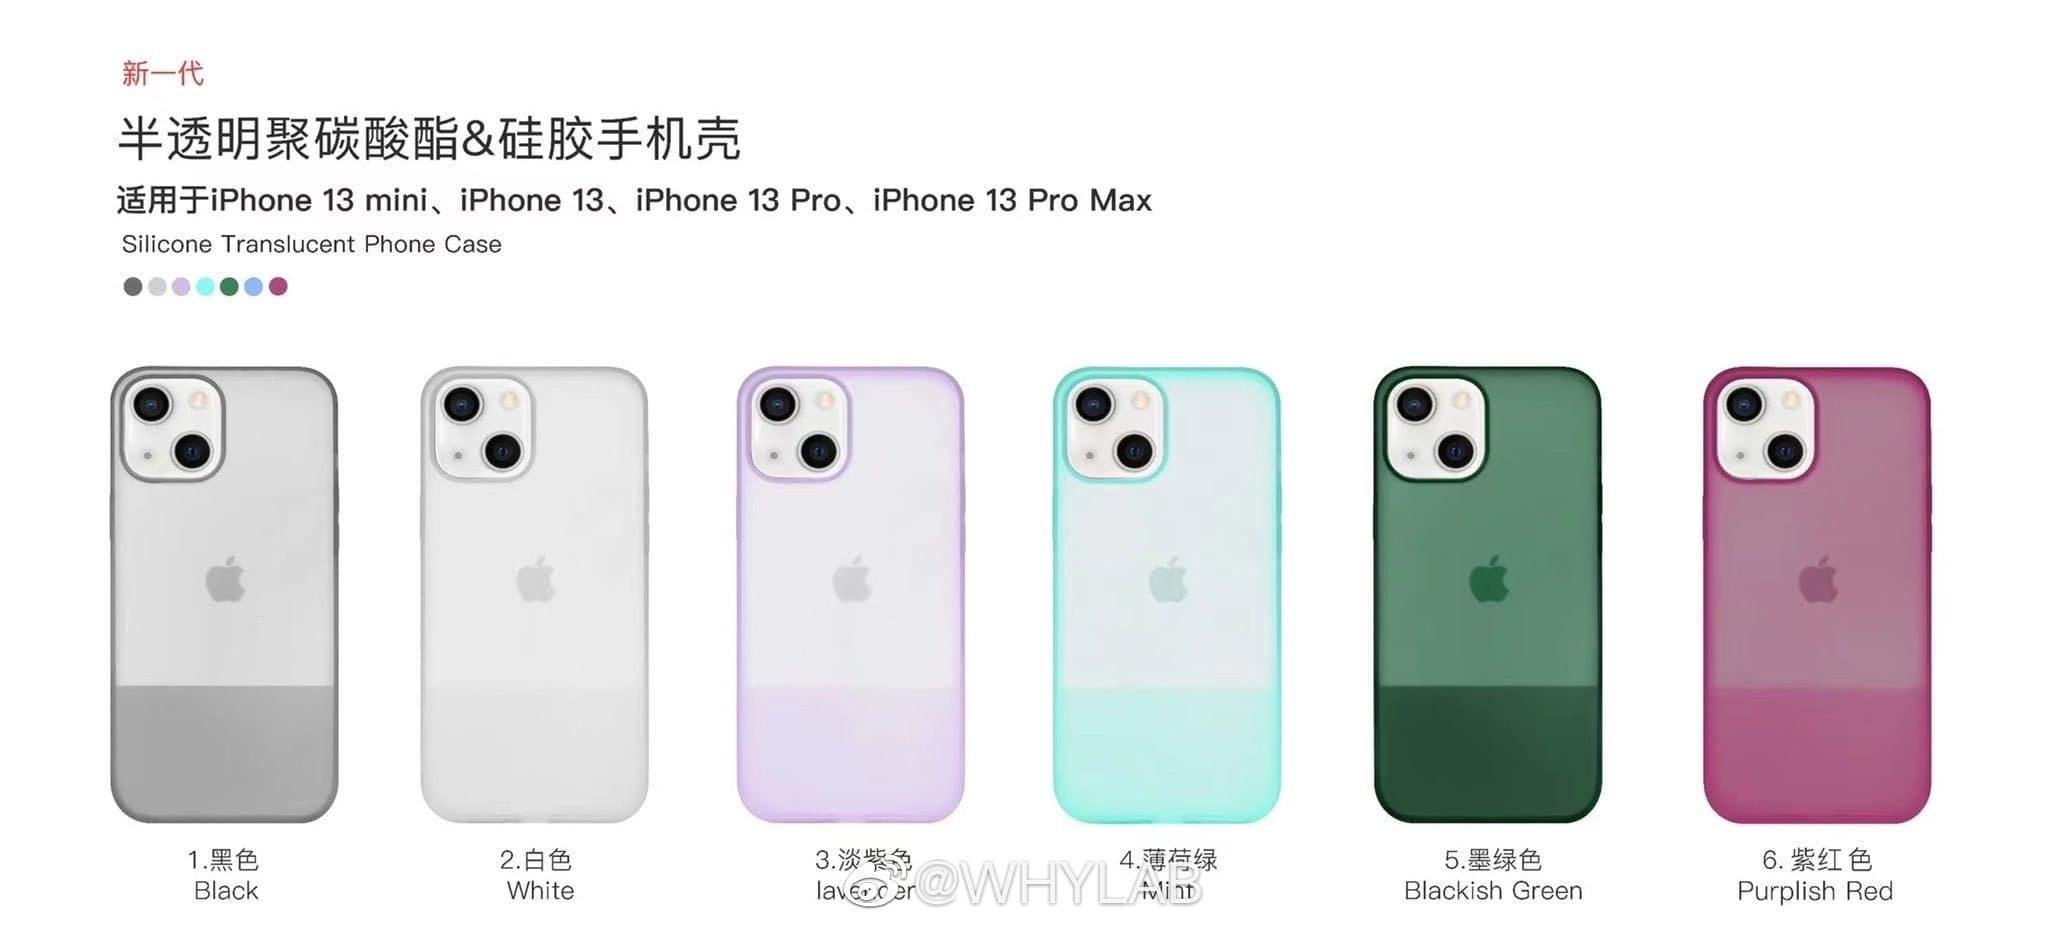 蘋果官方提前洩密?iPhone 13 原廠保護殼新顏色搶先看4